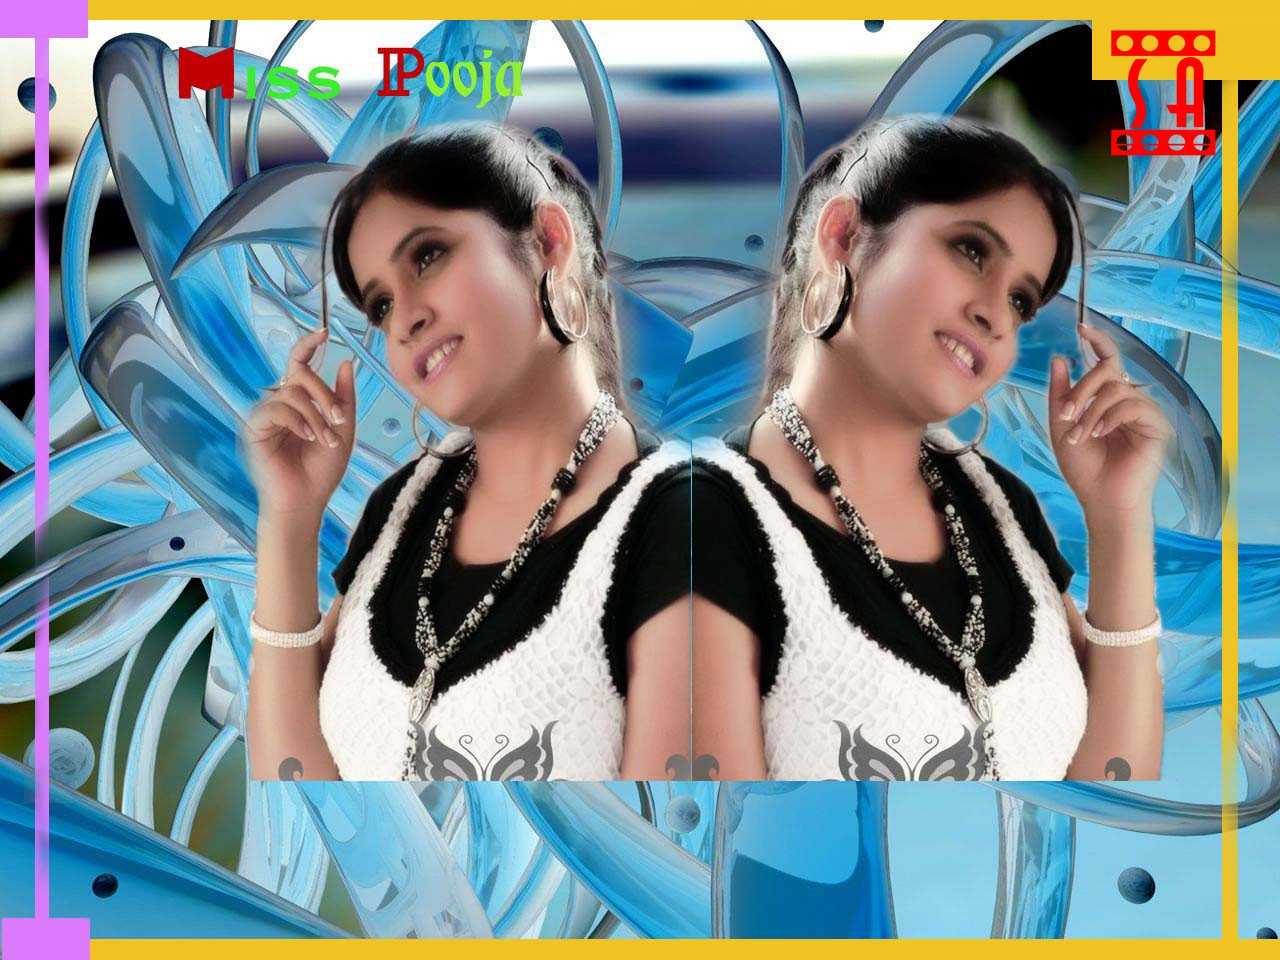 http://1.bp.blogspot.com/_U-_PAkFsu6M/TARuezobQKI/AAAAAAAAAHI/A15btGW8h4U/s1600/Miss+Pooja_48.jpg